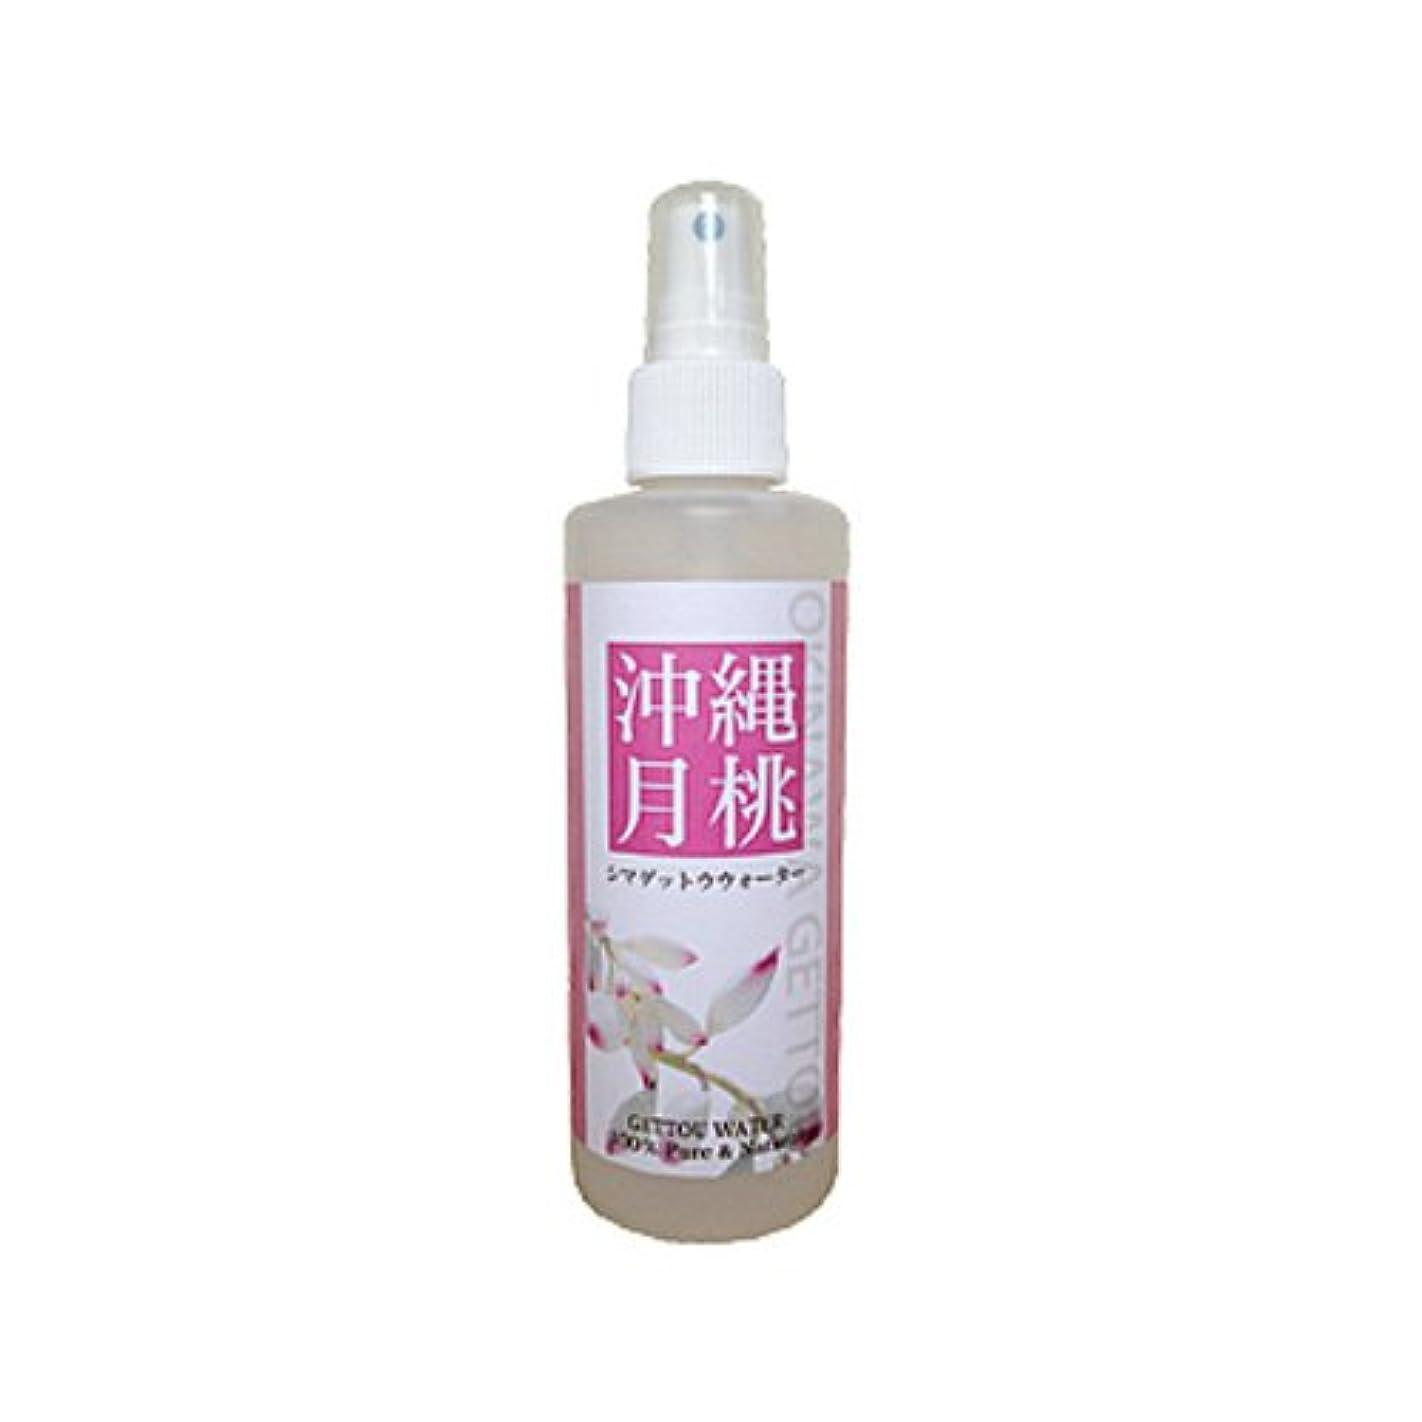 悔い改める不調和原告月桃蒸留水 フローラルウォーター シマ月桃葉100%使用 200ml